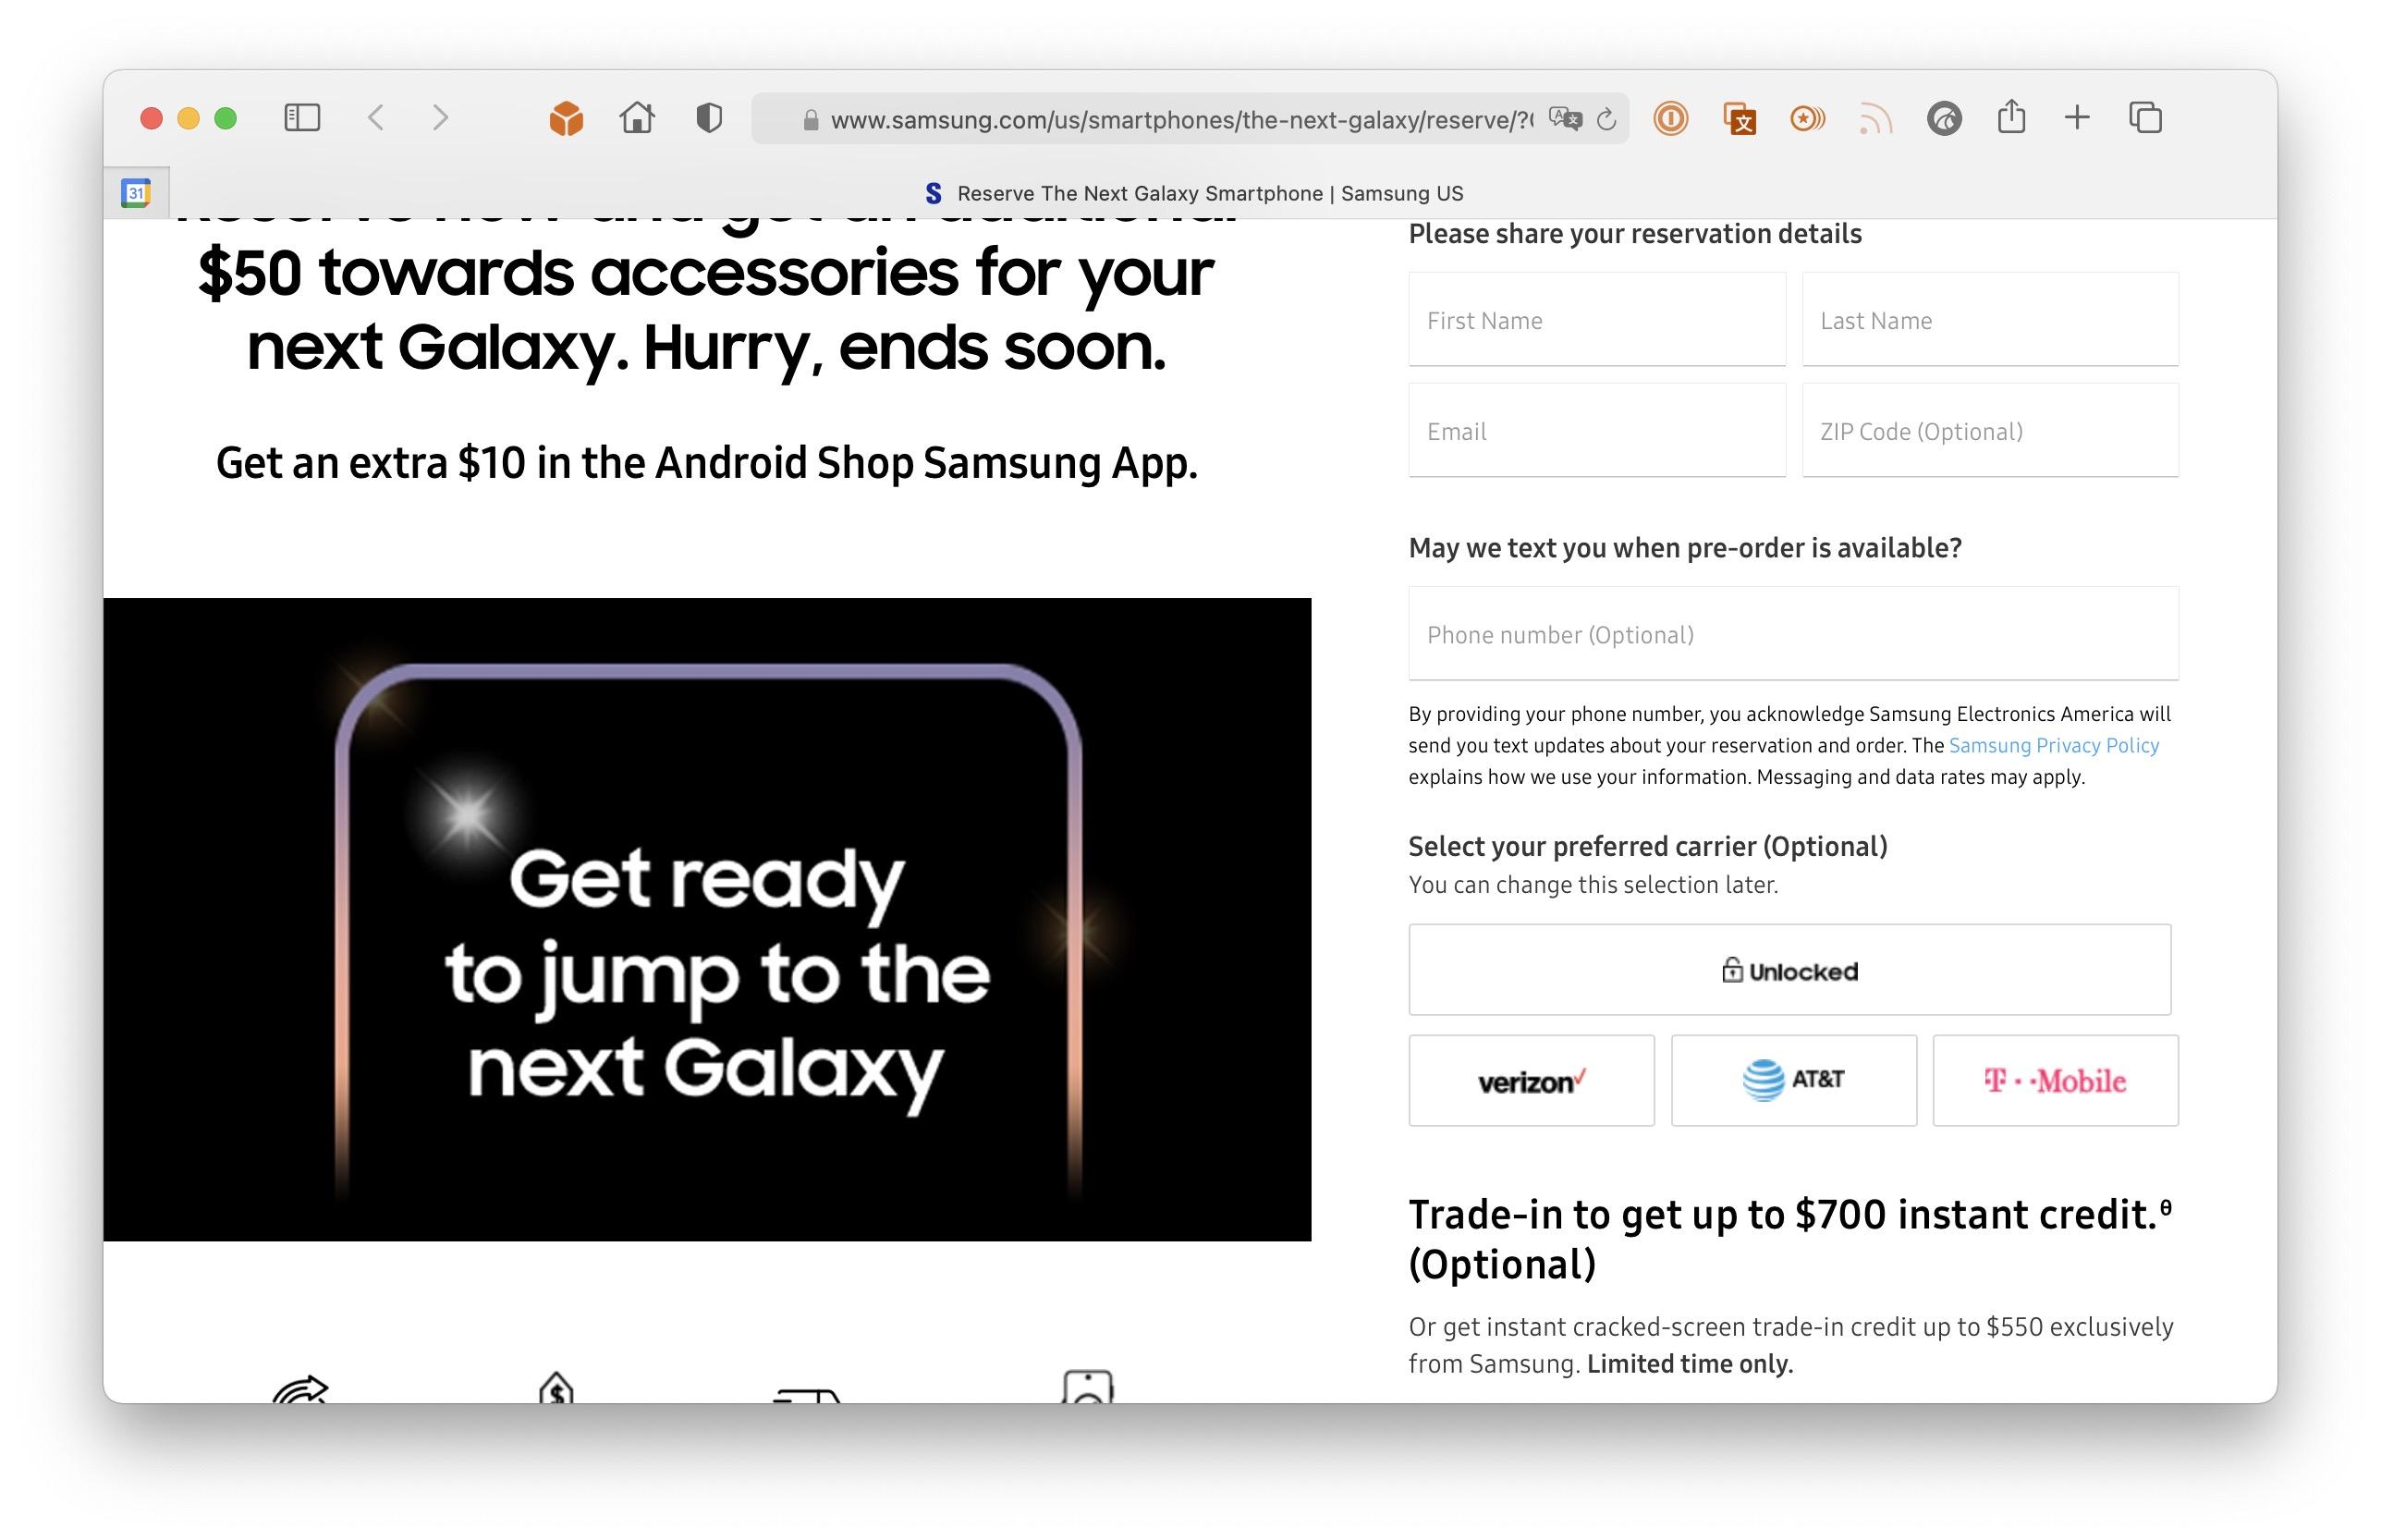 三星美国上线 Galaxy S21 预订页面